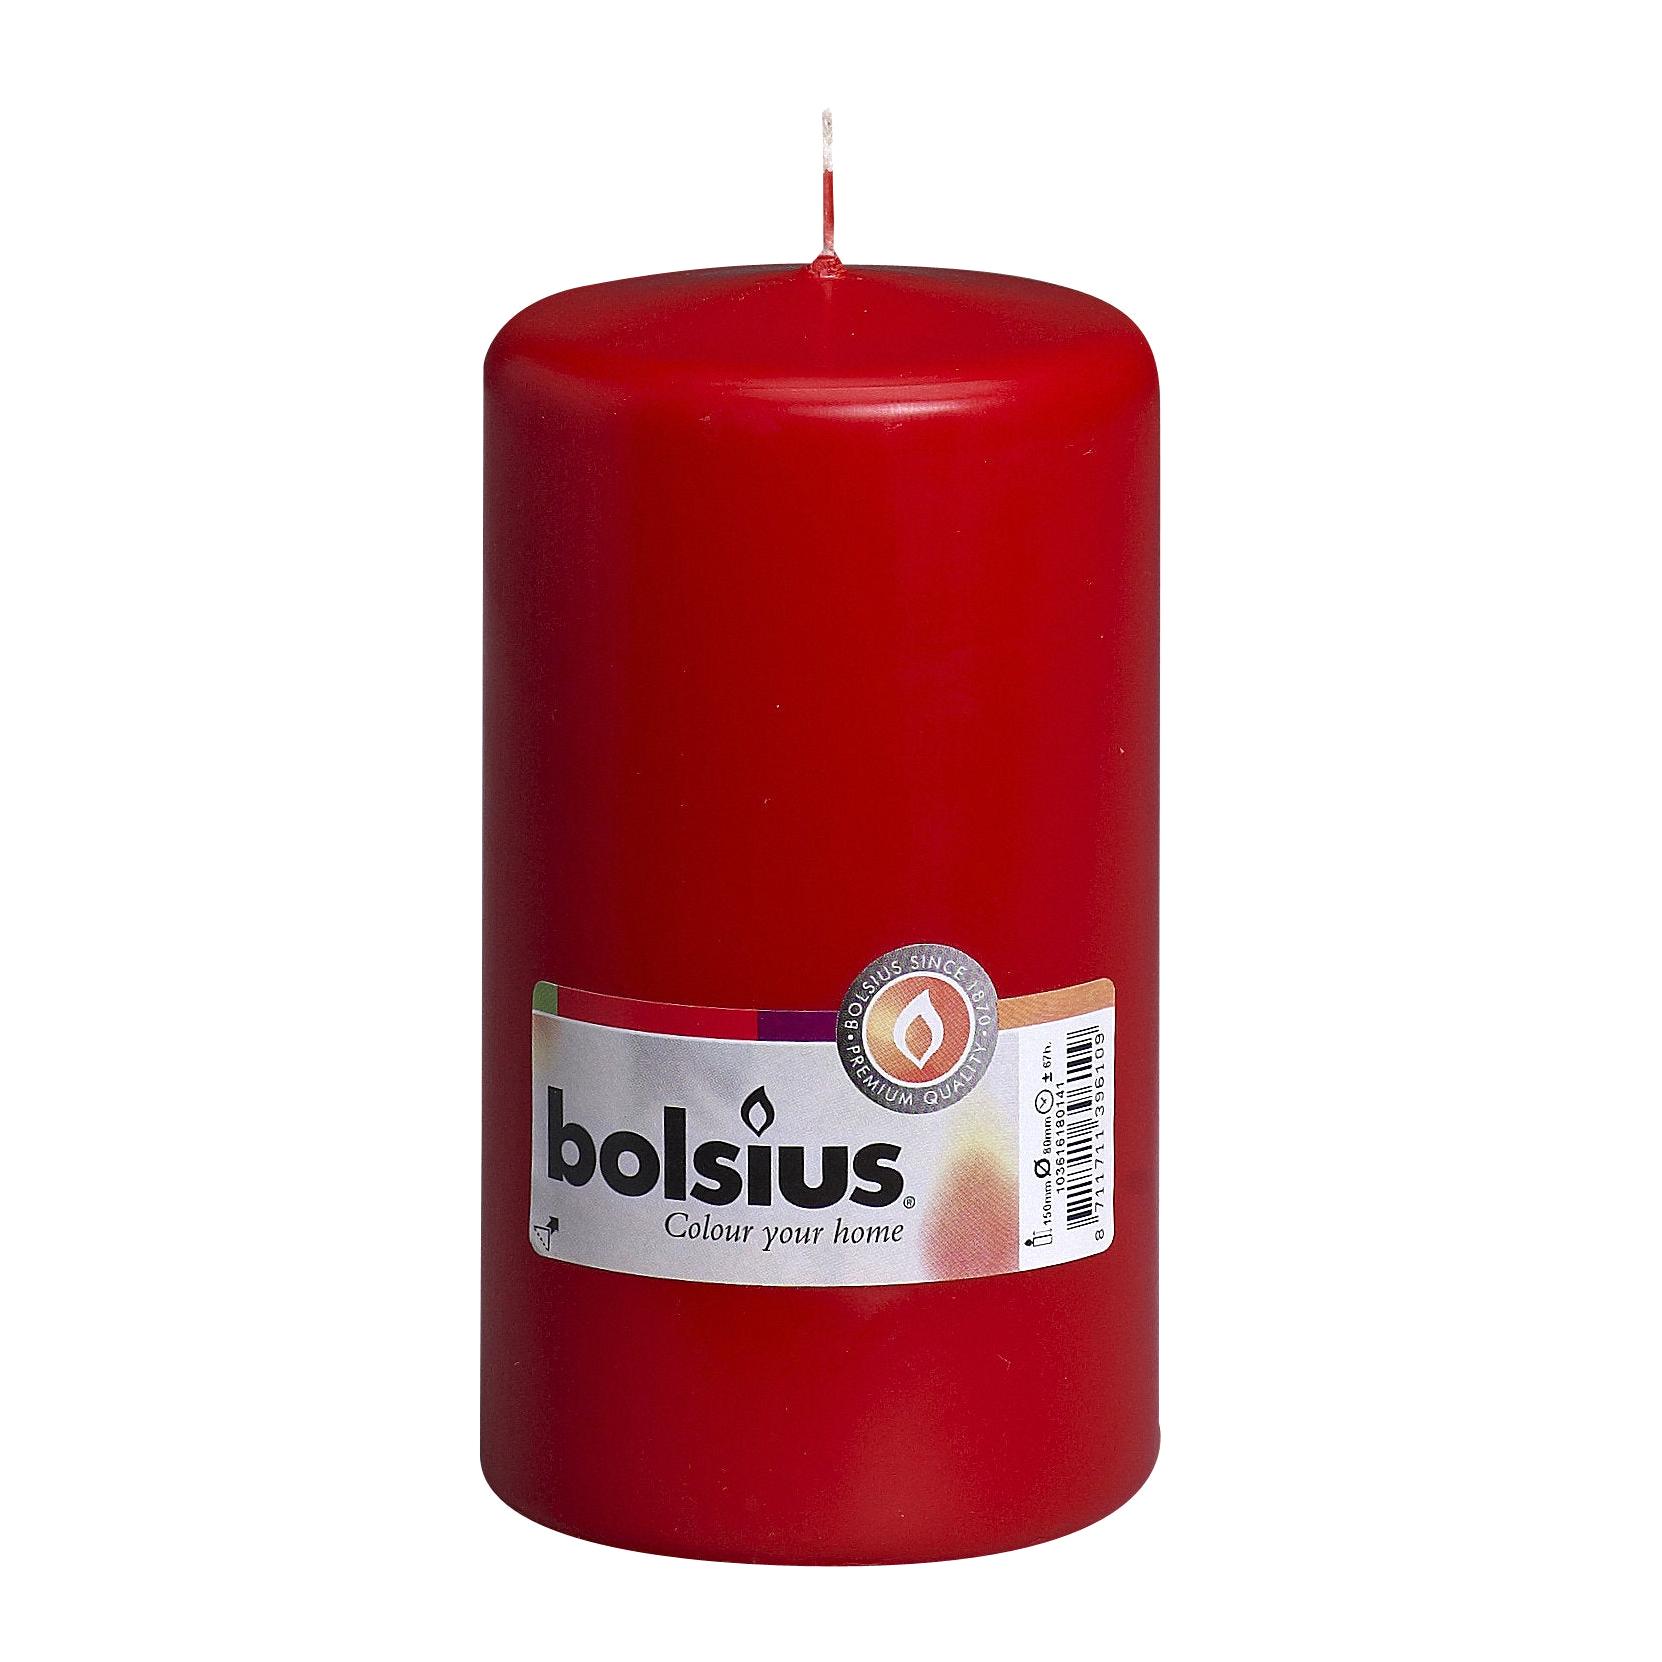 Фото - Свеча-столбик Bolsius 15x8 красная свеча столбик bolsius 12x6 коричневая